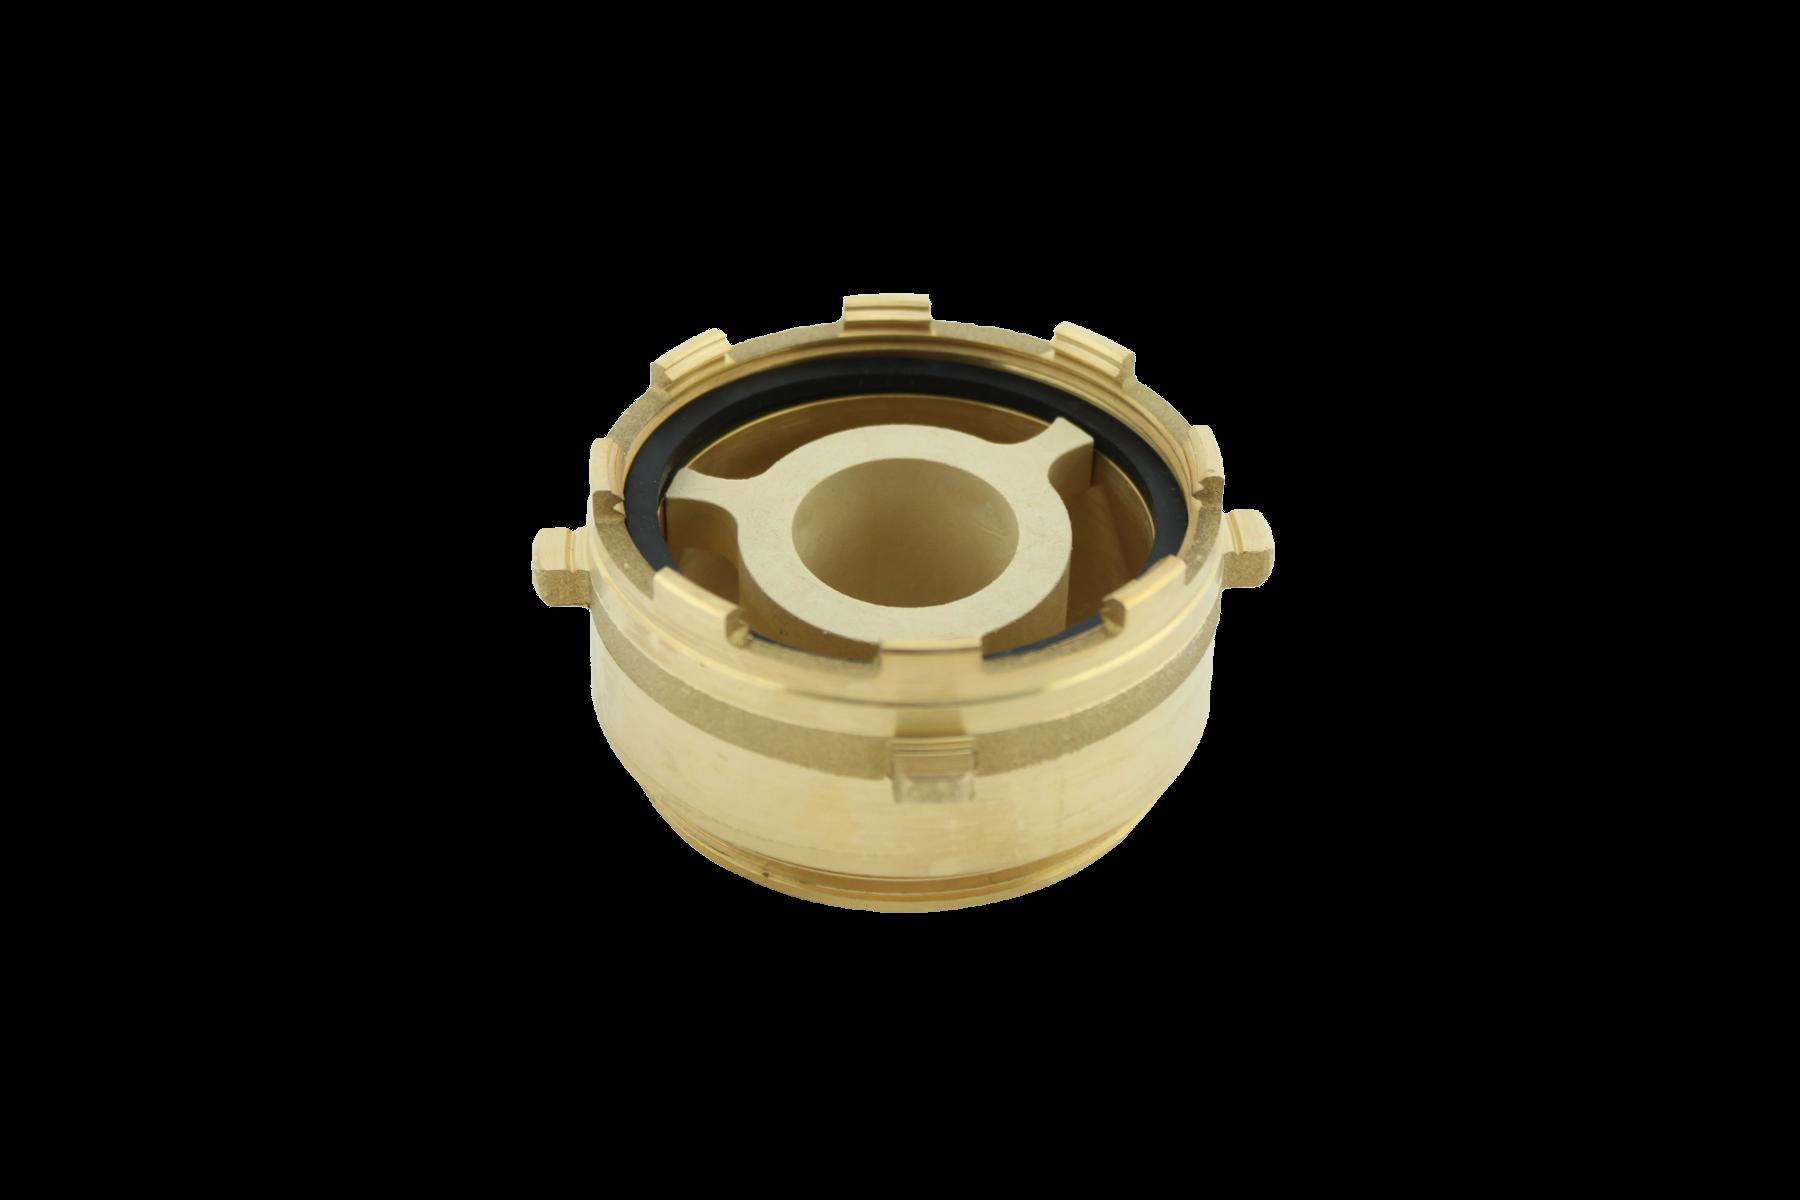 Verlängerung für UPZ Minomet 30mm